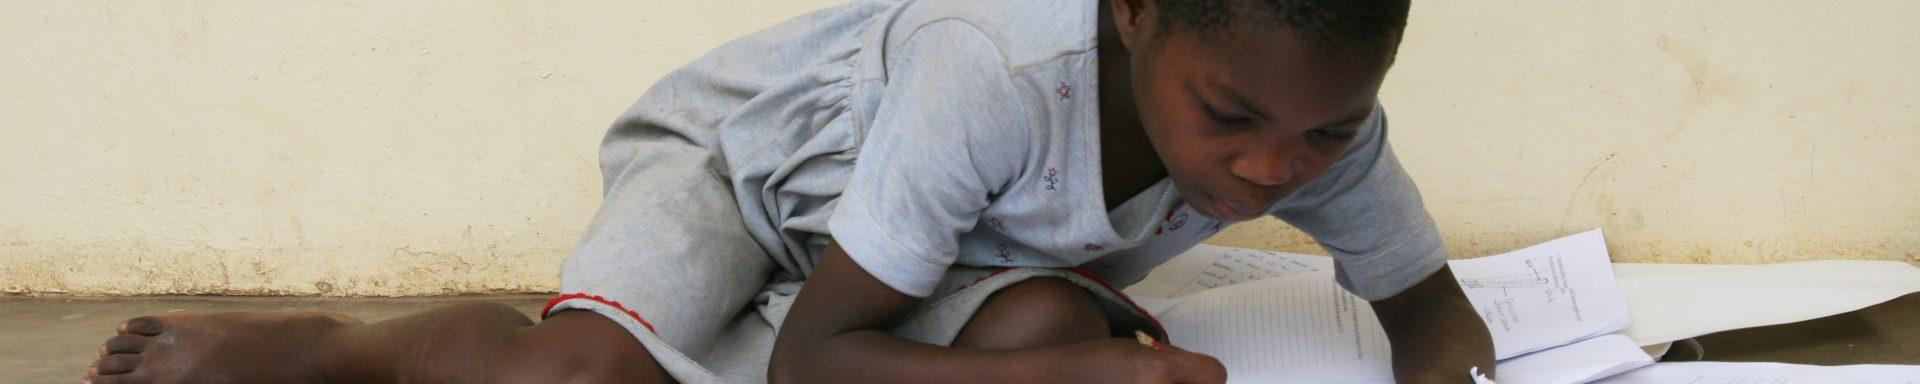 Kind maakt huiswerk op de grond